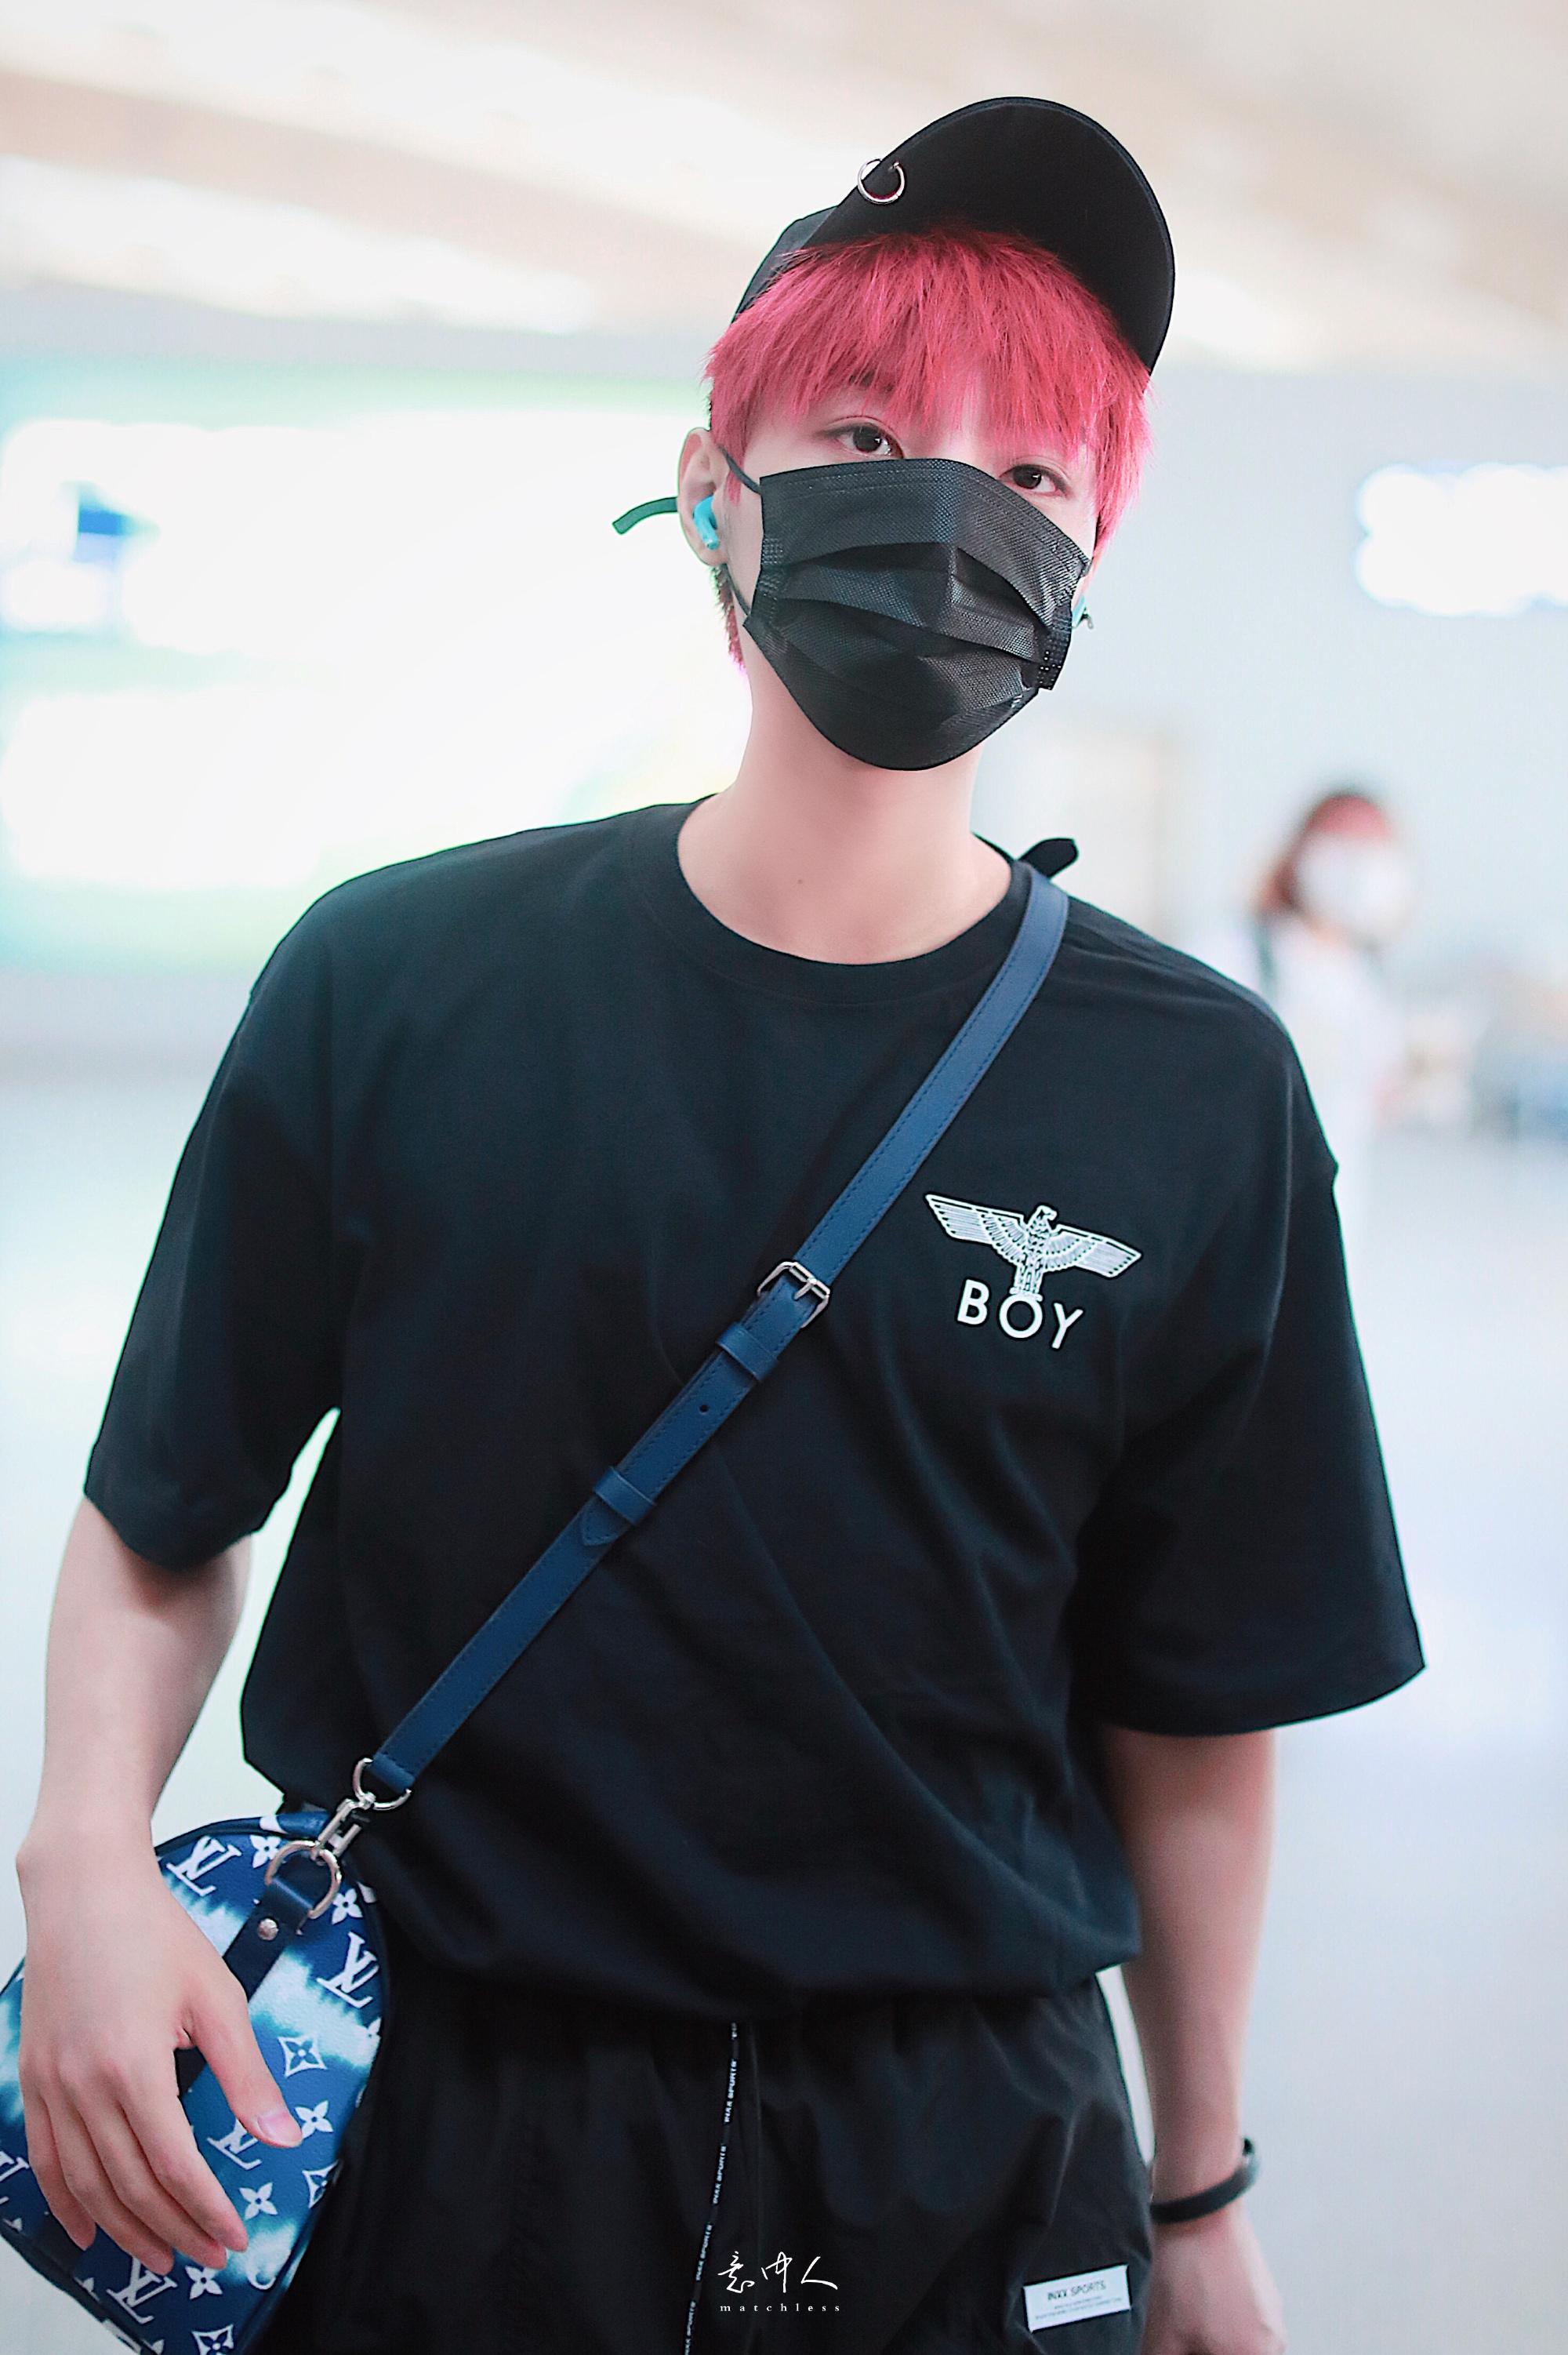 李振宁今日份机场路透图一身酷黑look+吸睛红发造型漫画里走出来的